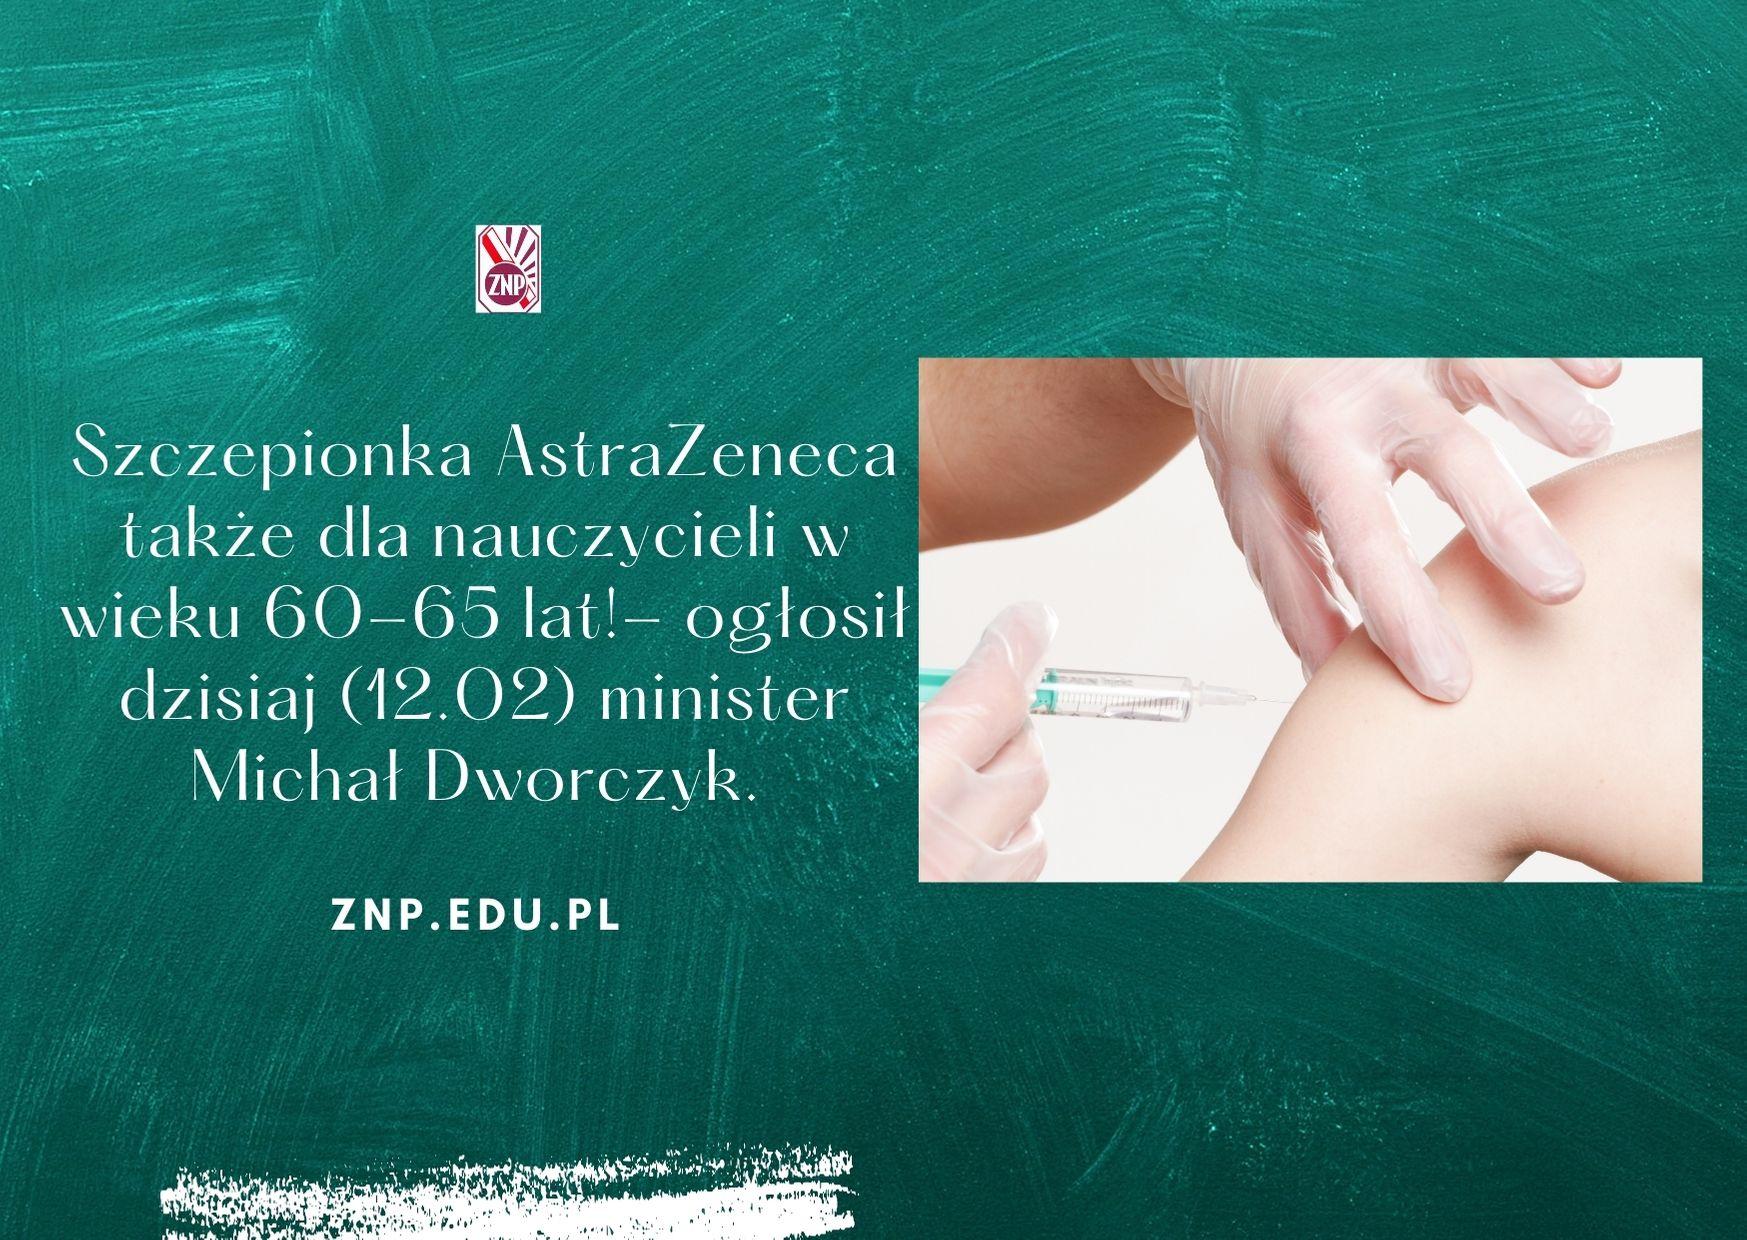 Szczepionka AstraZeneca także dla nauczycieli do 65 r.ż.